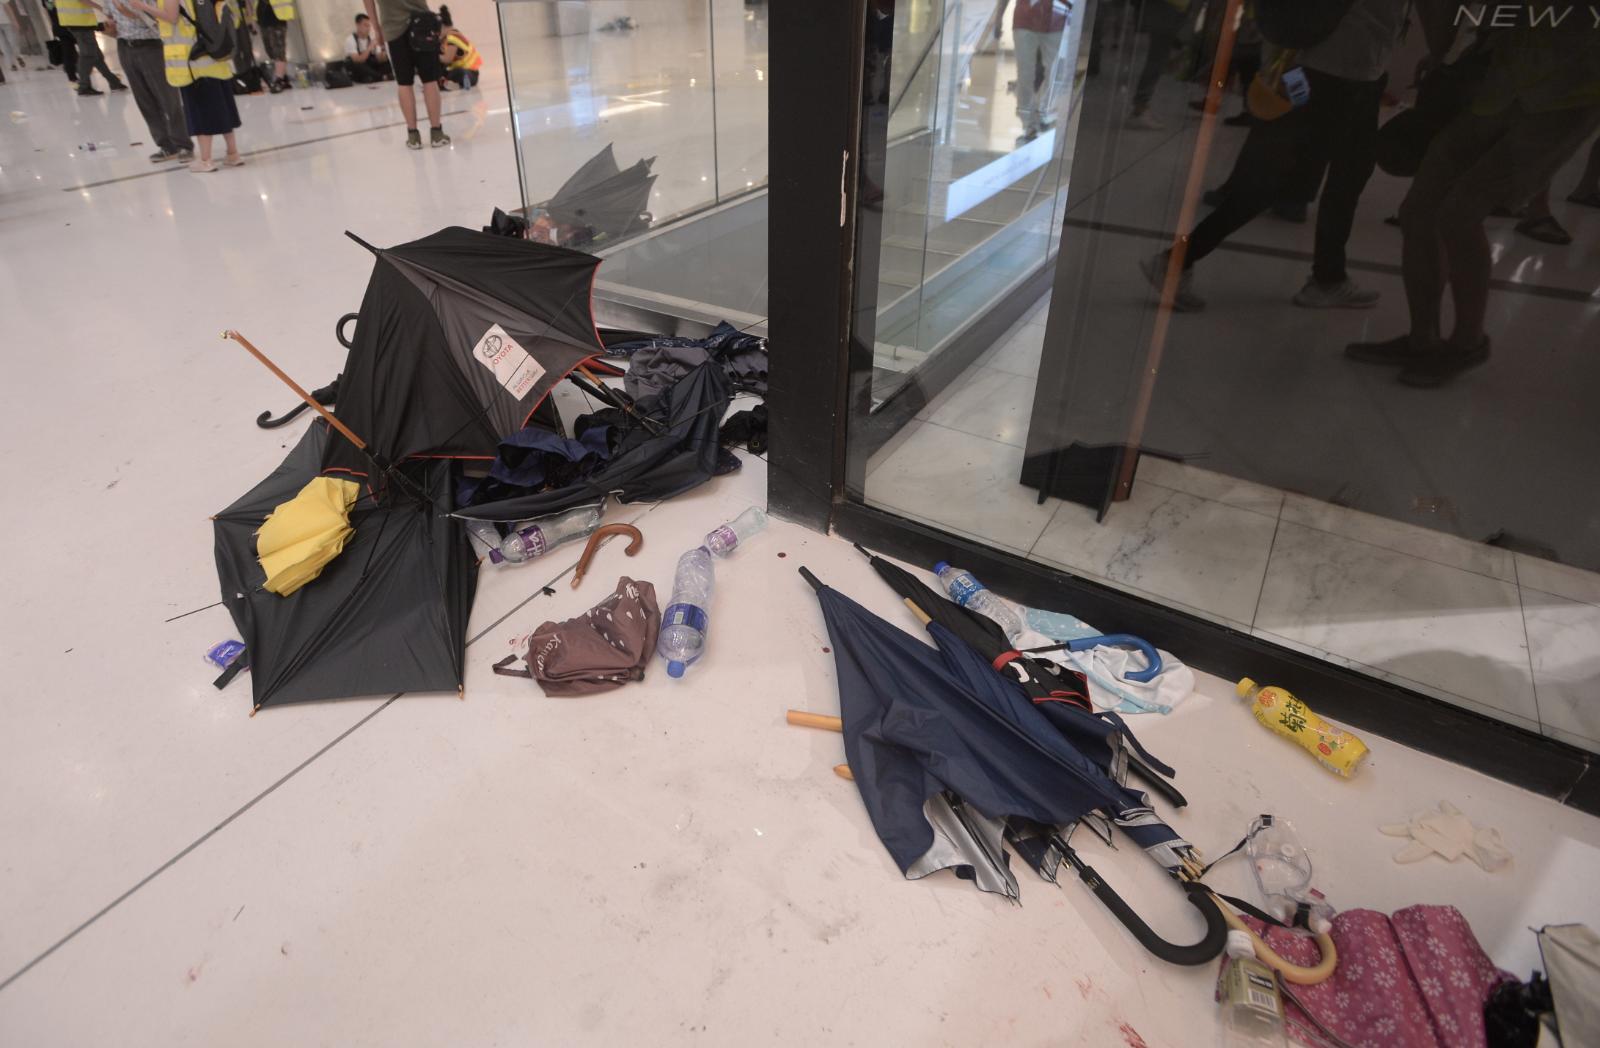 被棄置的雨傘堆在店鋪前。